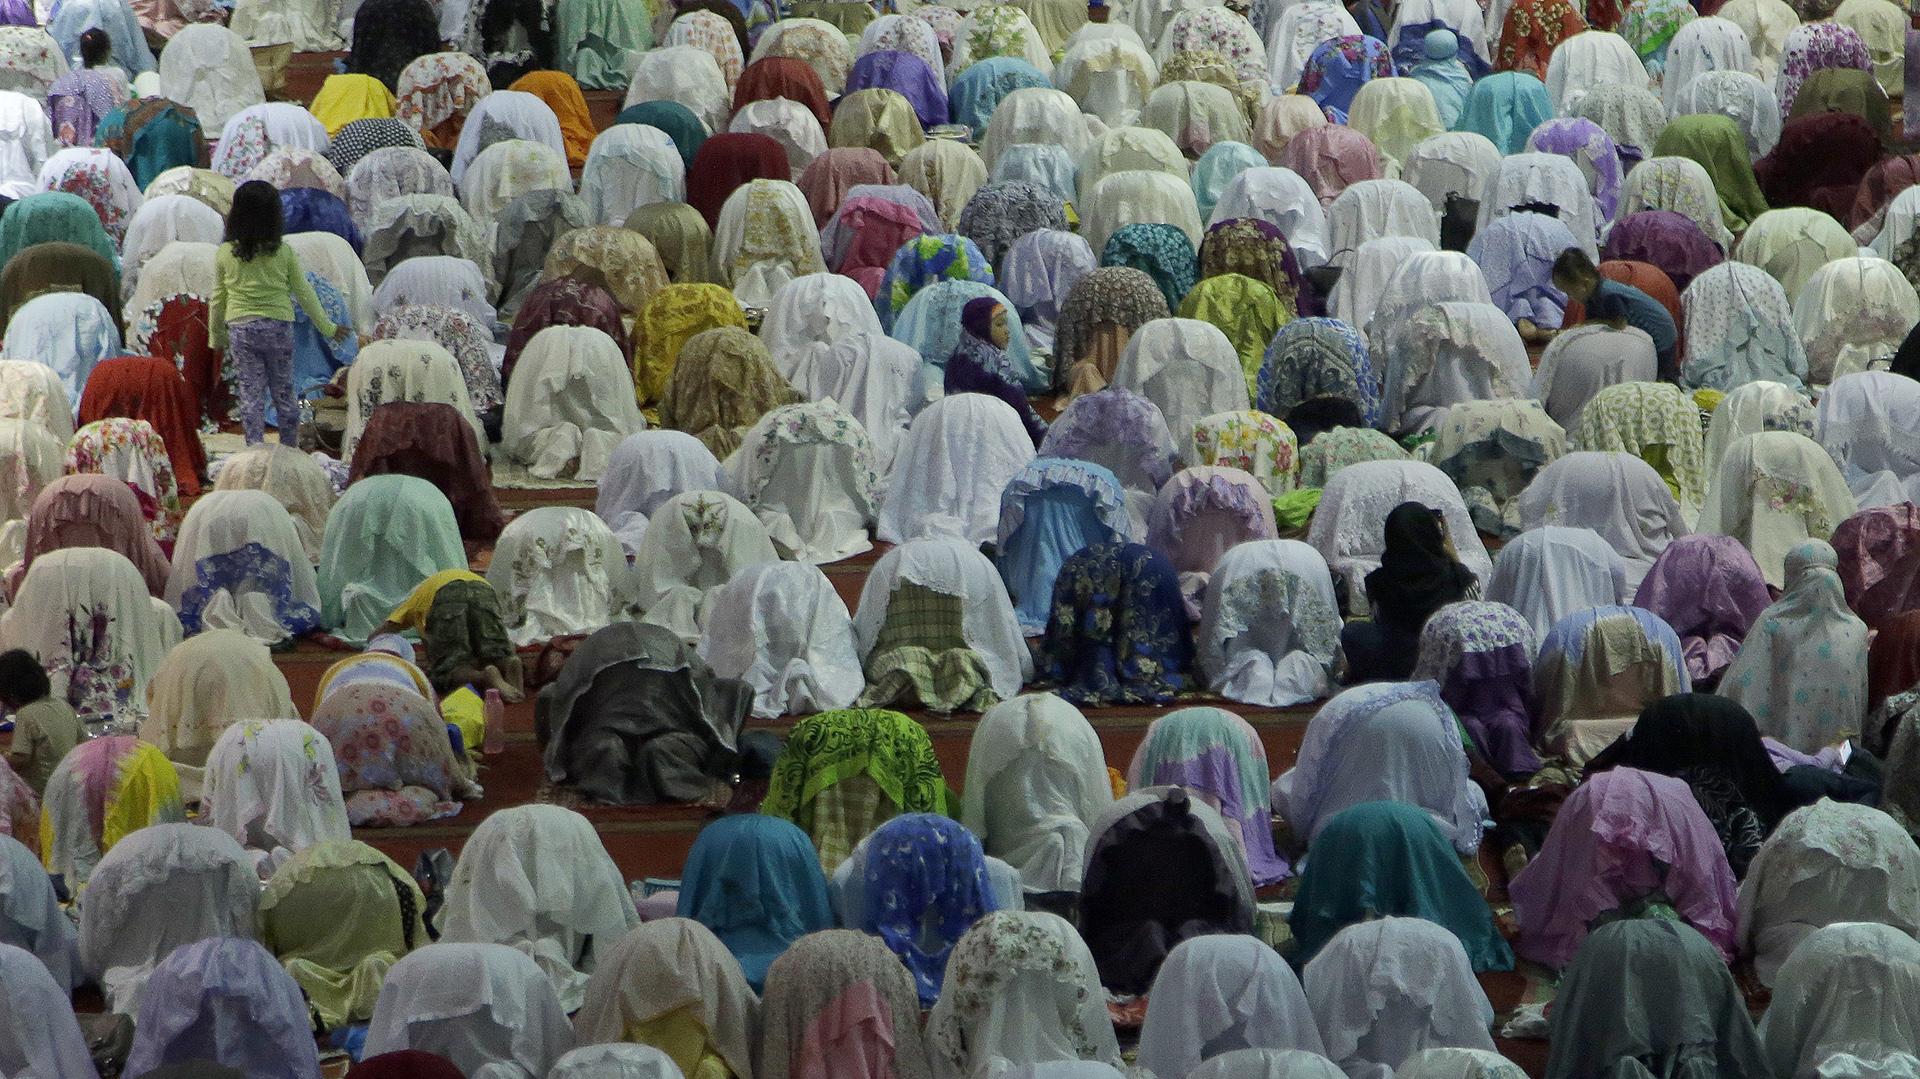 Musulmanes de todo el mundo celebran el mes del Ramadán, durante el cual no pueden comer, beber, fumar ni mantener relaciones sexuales desde el alba hasta la puesta del sol (Reuters)